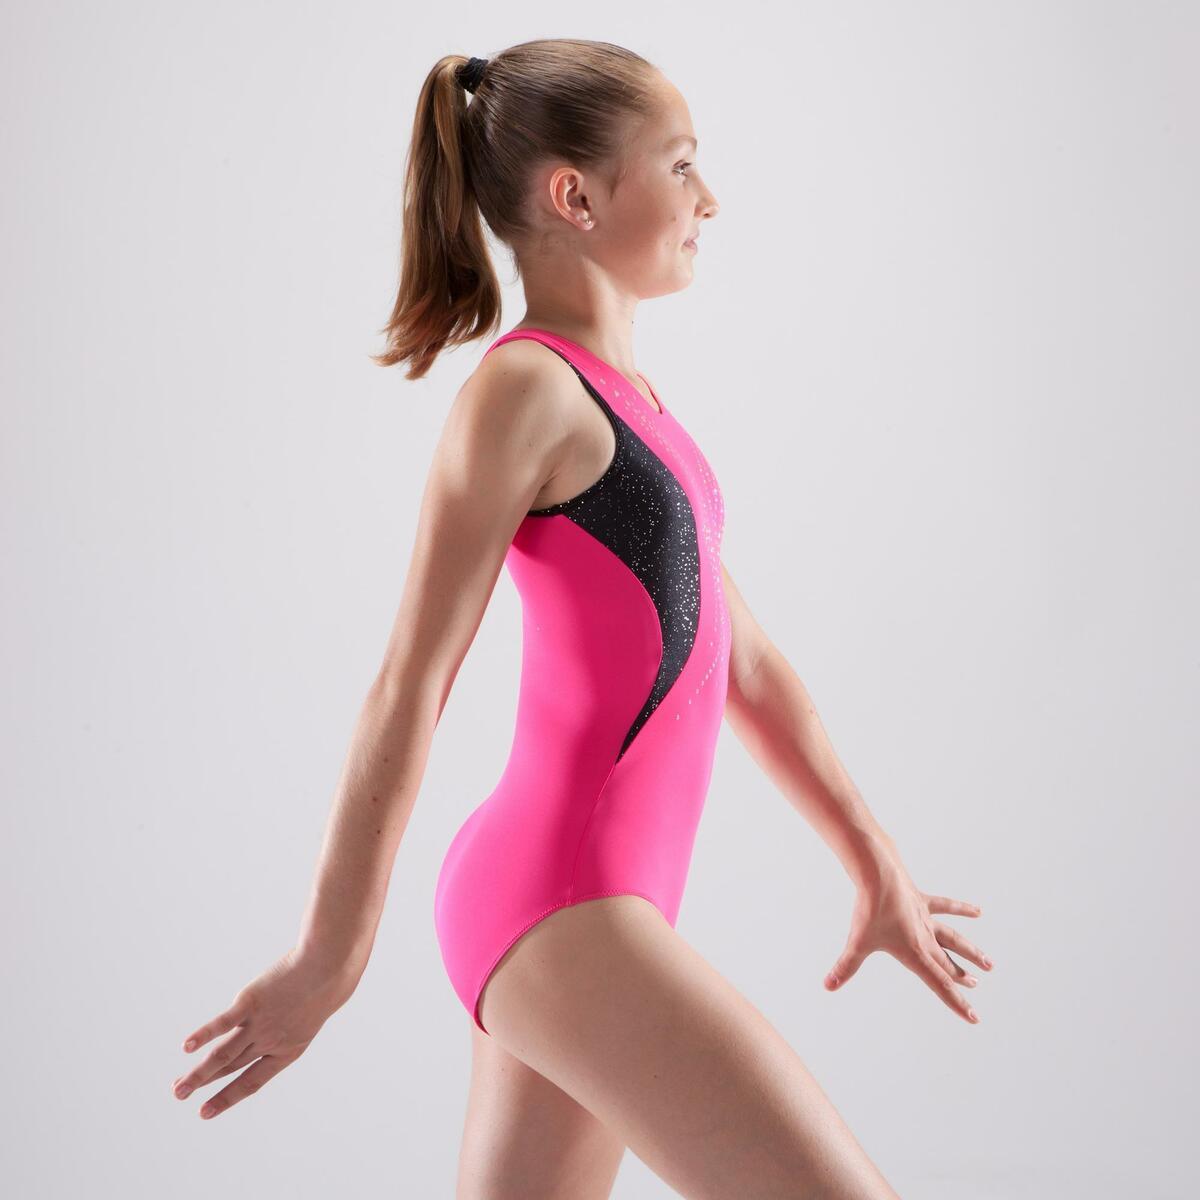 Bild 3 von Gymnastikanzug Turnanzug ärmellos Pailletten rosa